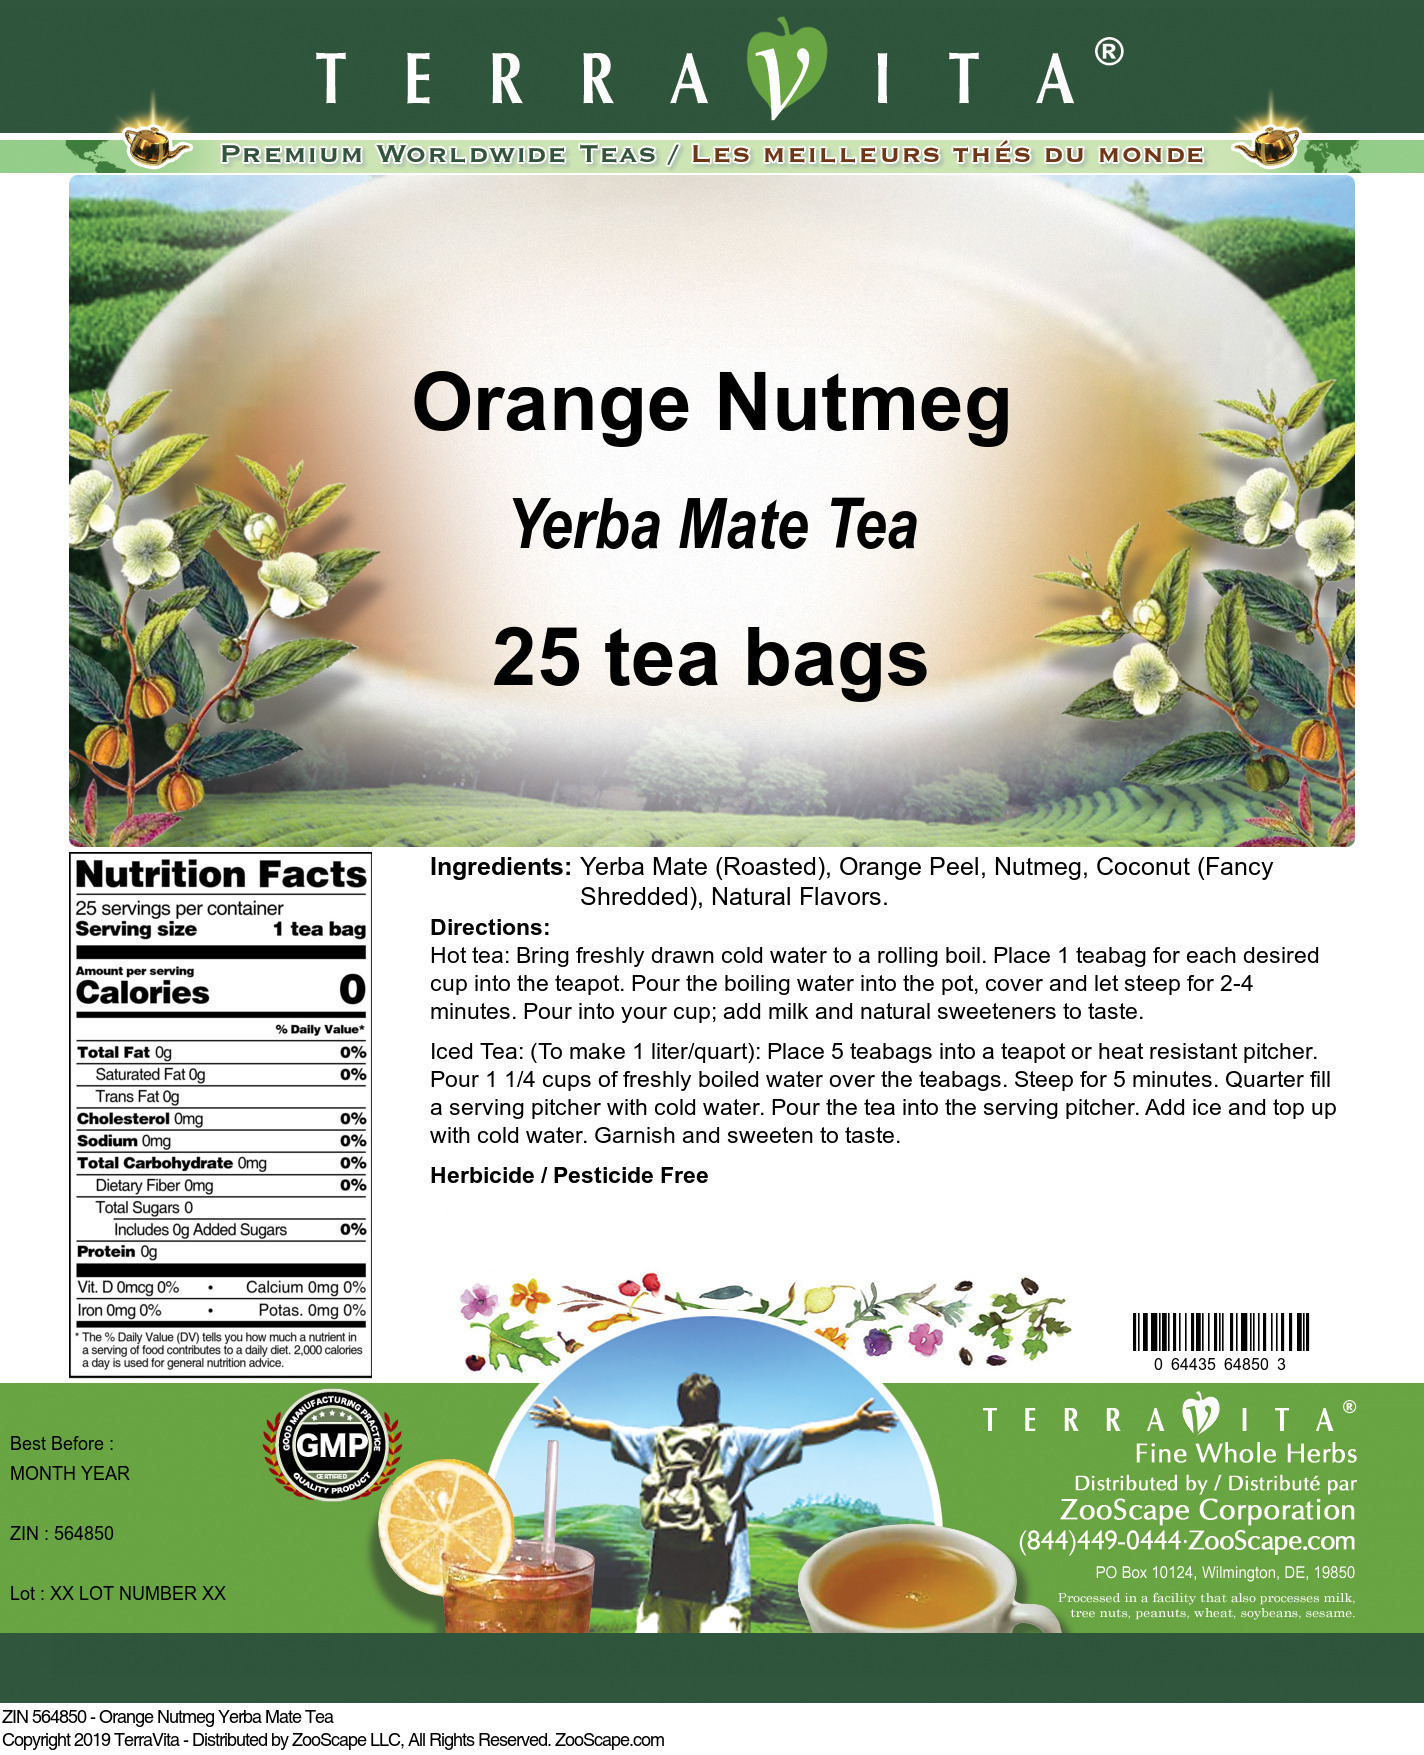 Orange Nutmeg Yerba Mate Tea